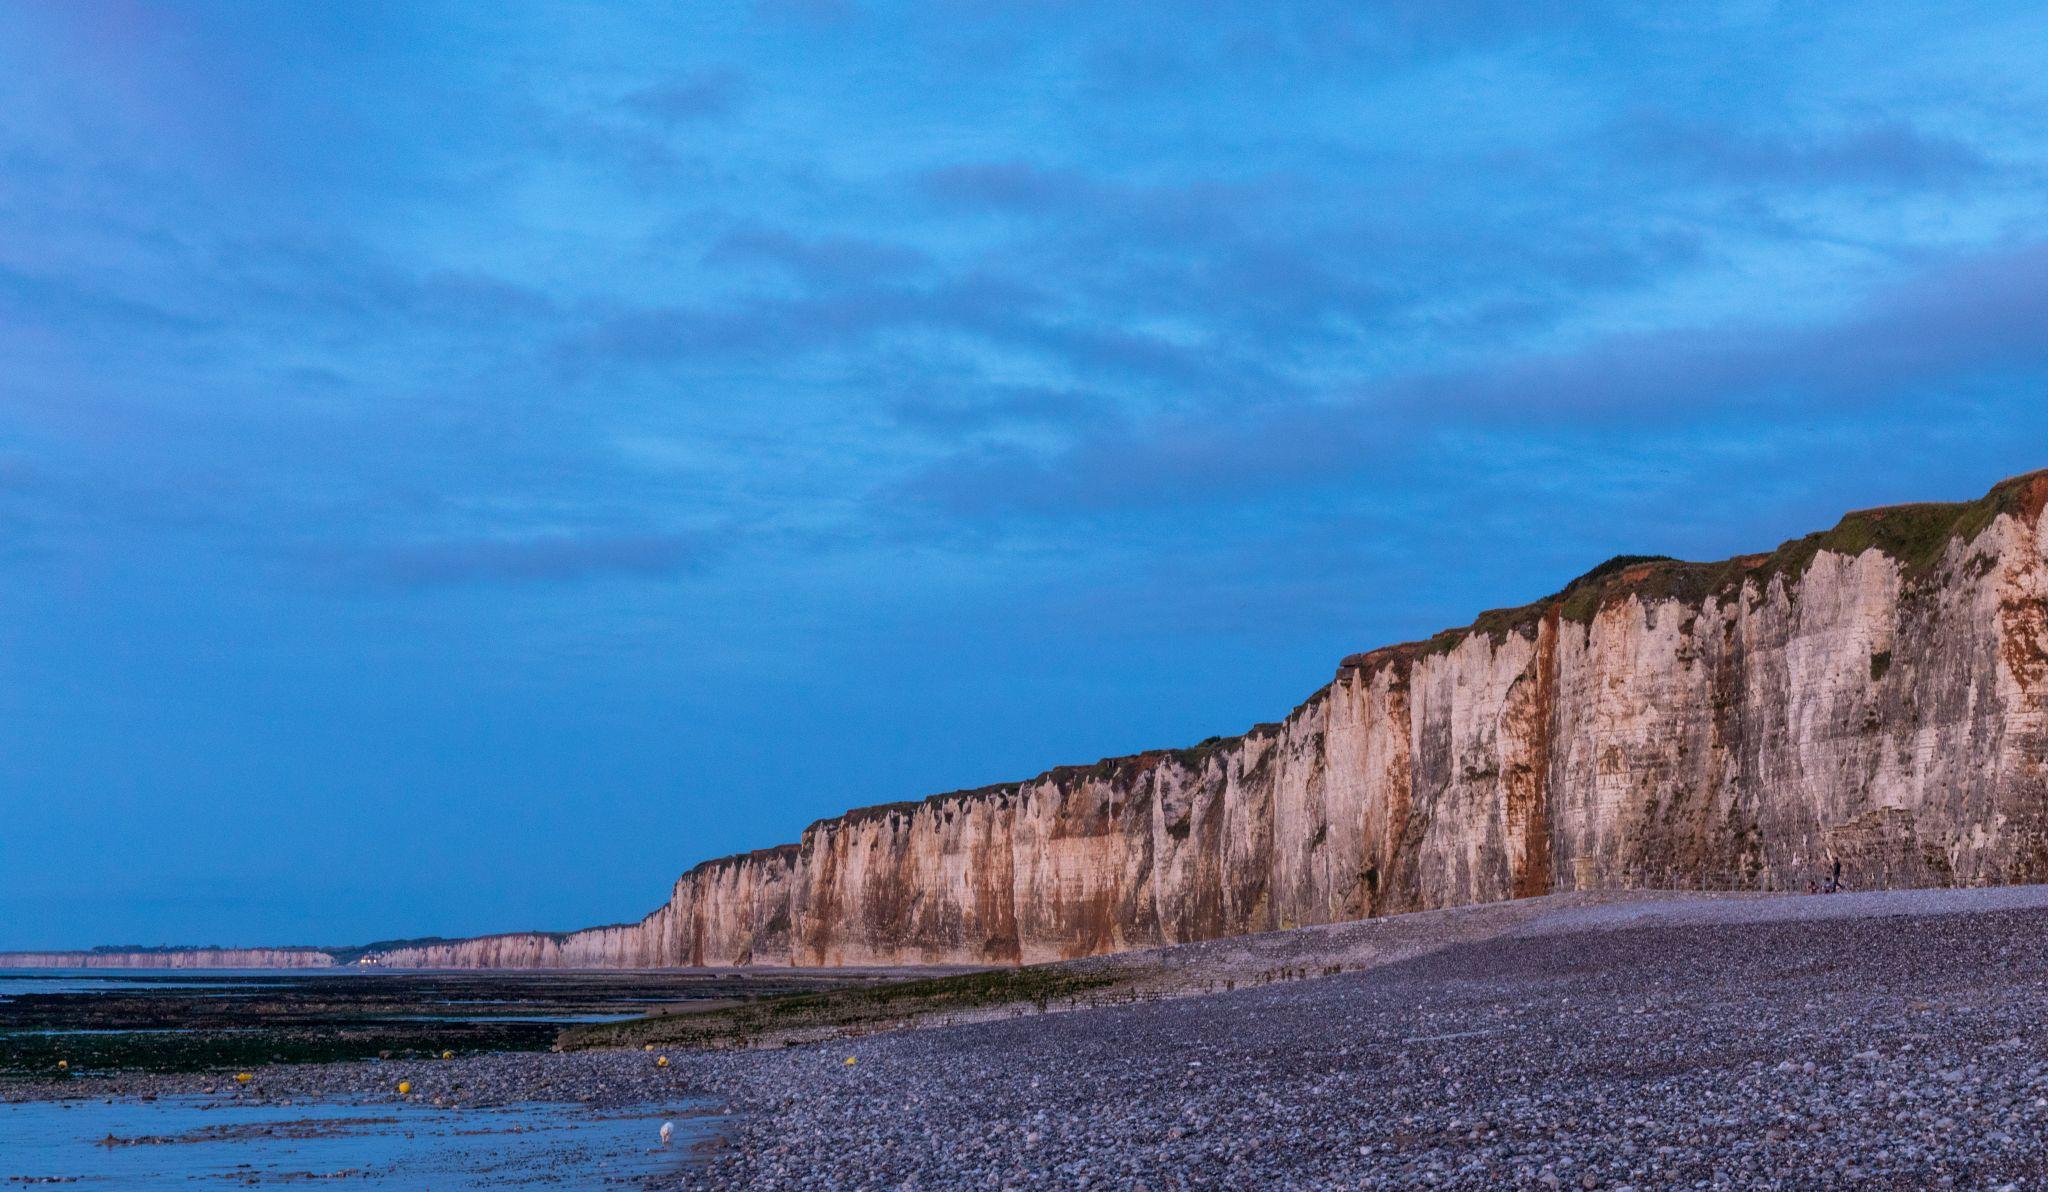 Abendstimmung an der Steilküste bei Saint-Valery-en-Caux, France